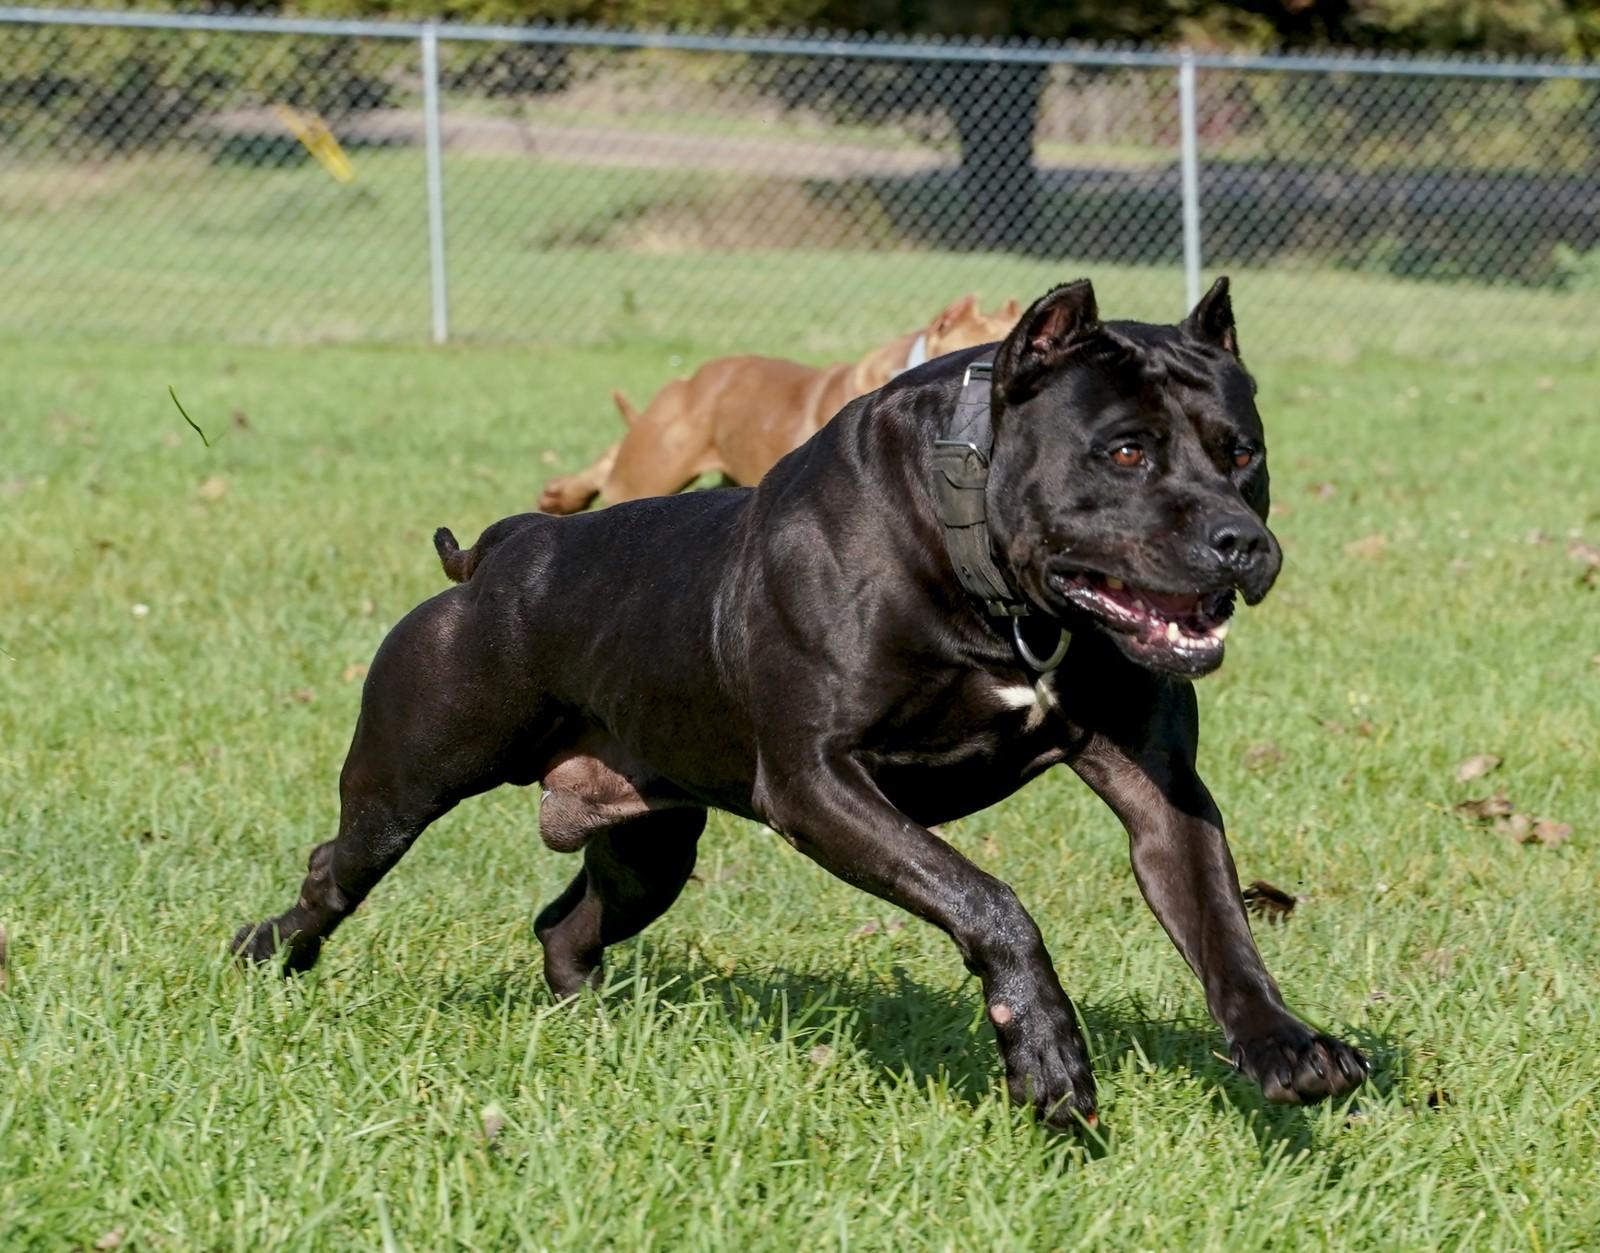 Batman, AKA Bruce Wayne, an XL black male pit bull, looking intense as he runs toward the camera.